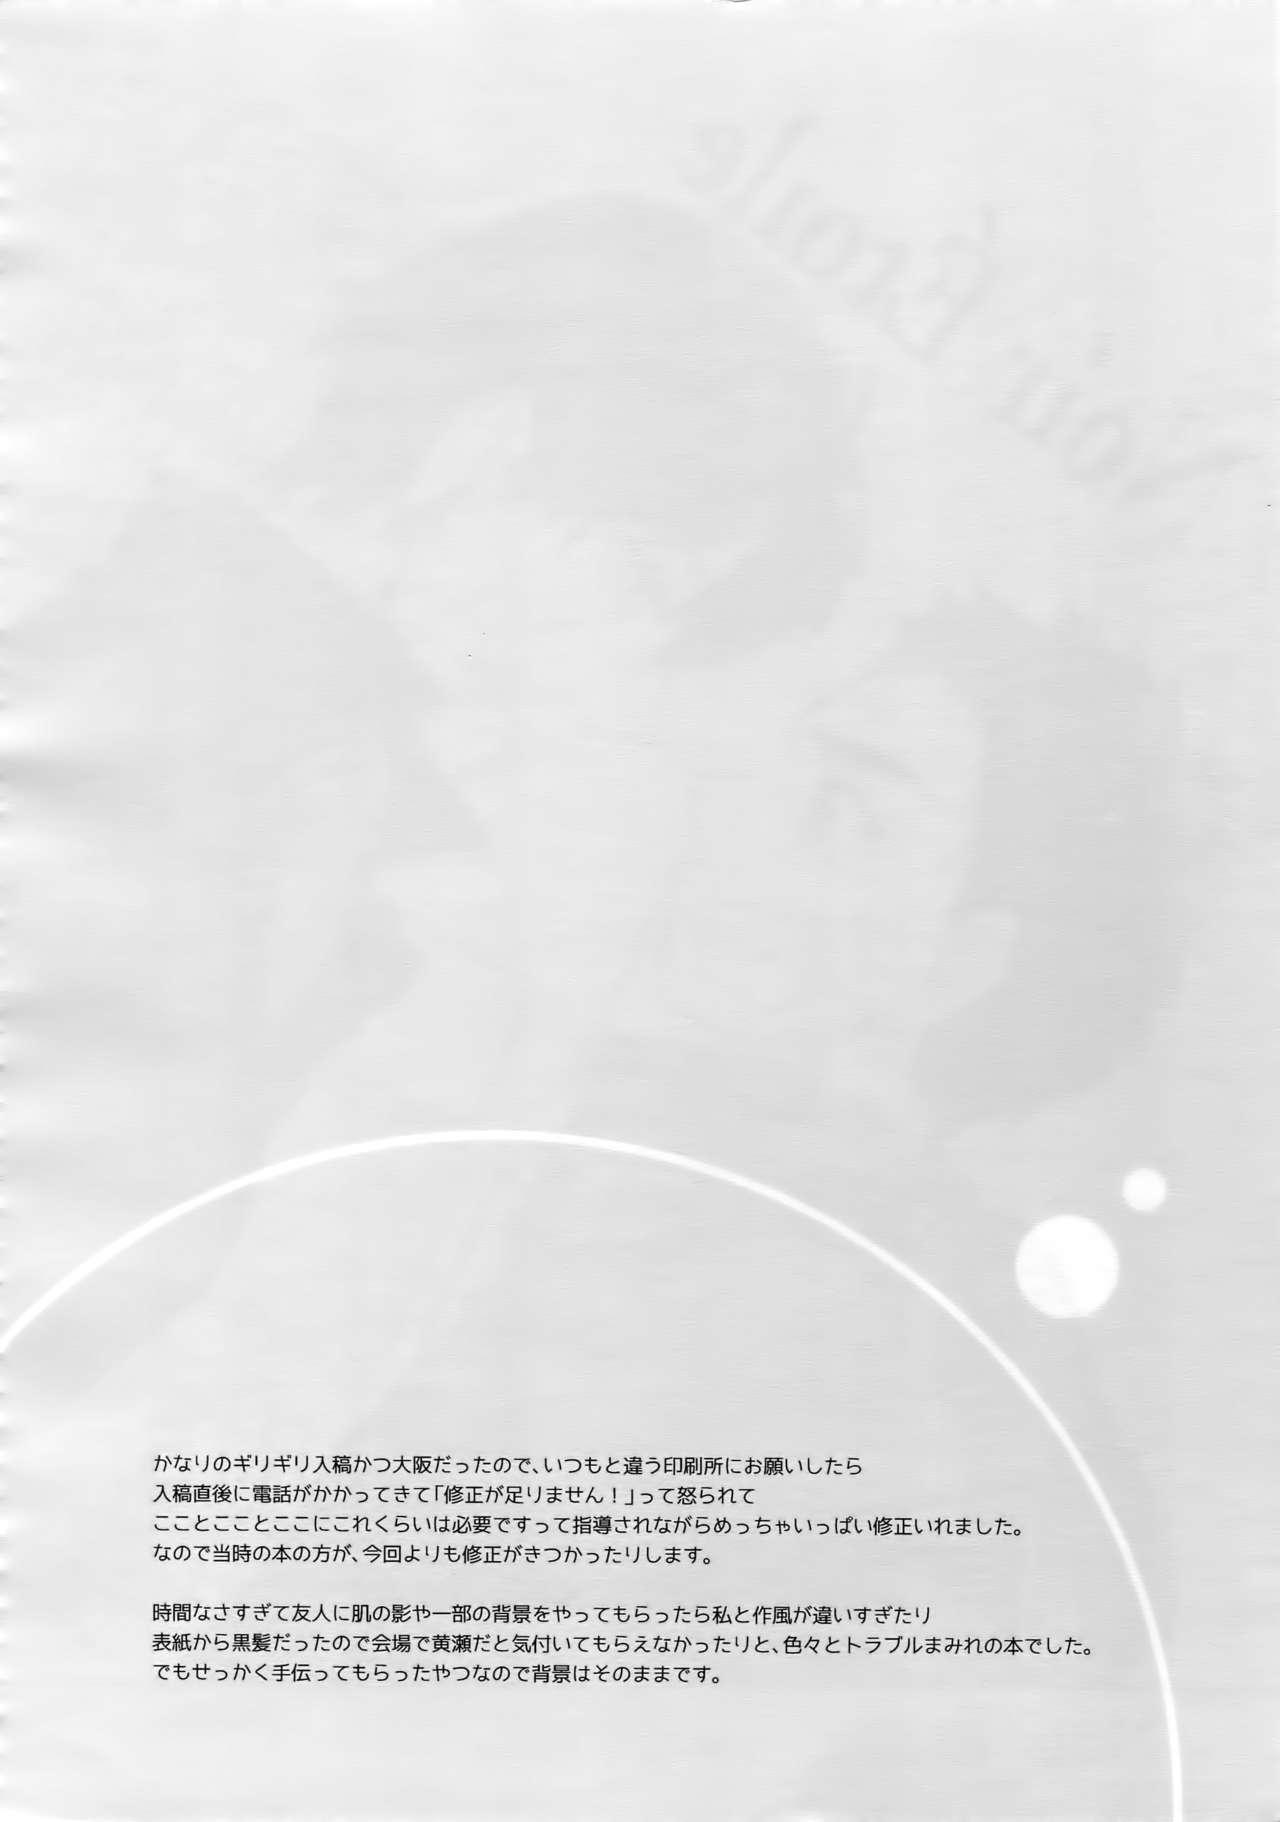 [Bakuchi Jinsei SP (Satsuki Fumi)] Kanpeki Kareshi to Zettai Ryouiki Ouji-sama - Another Version - (Kuroko no Basket) 42